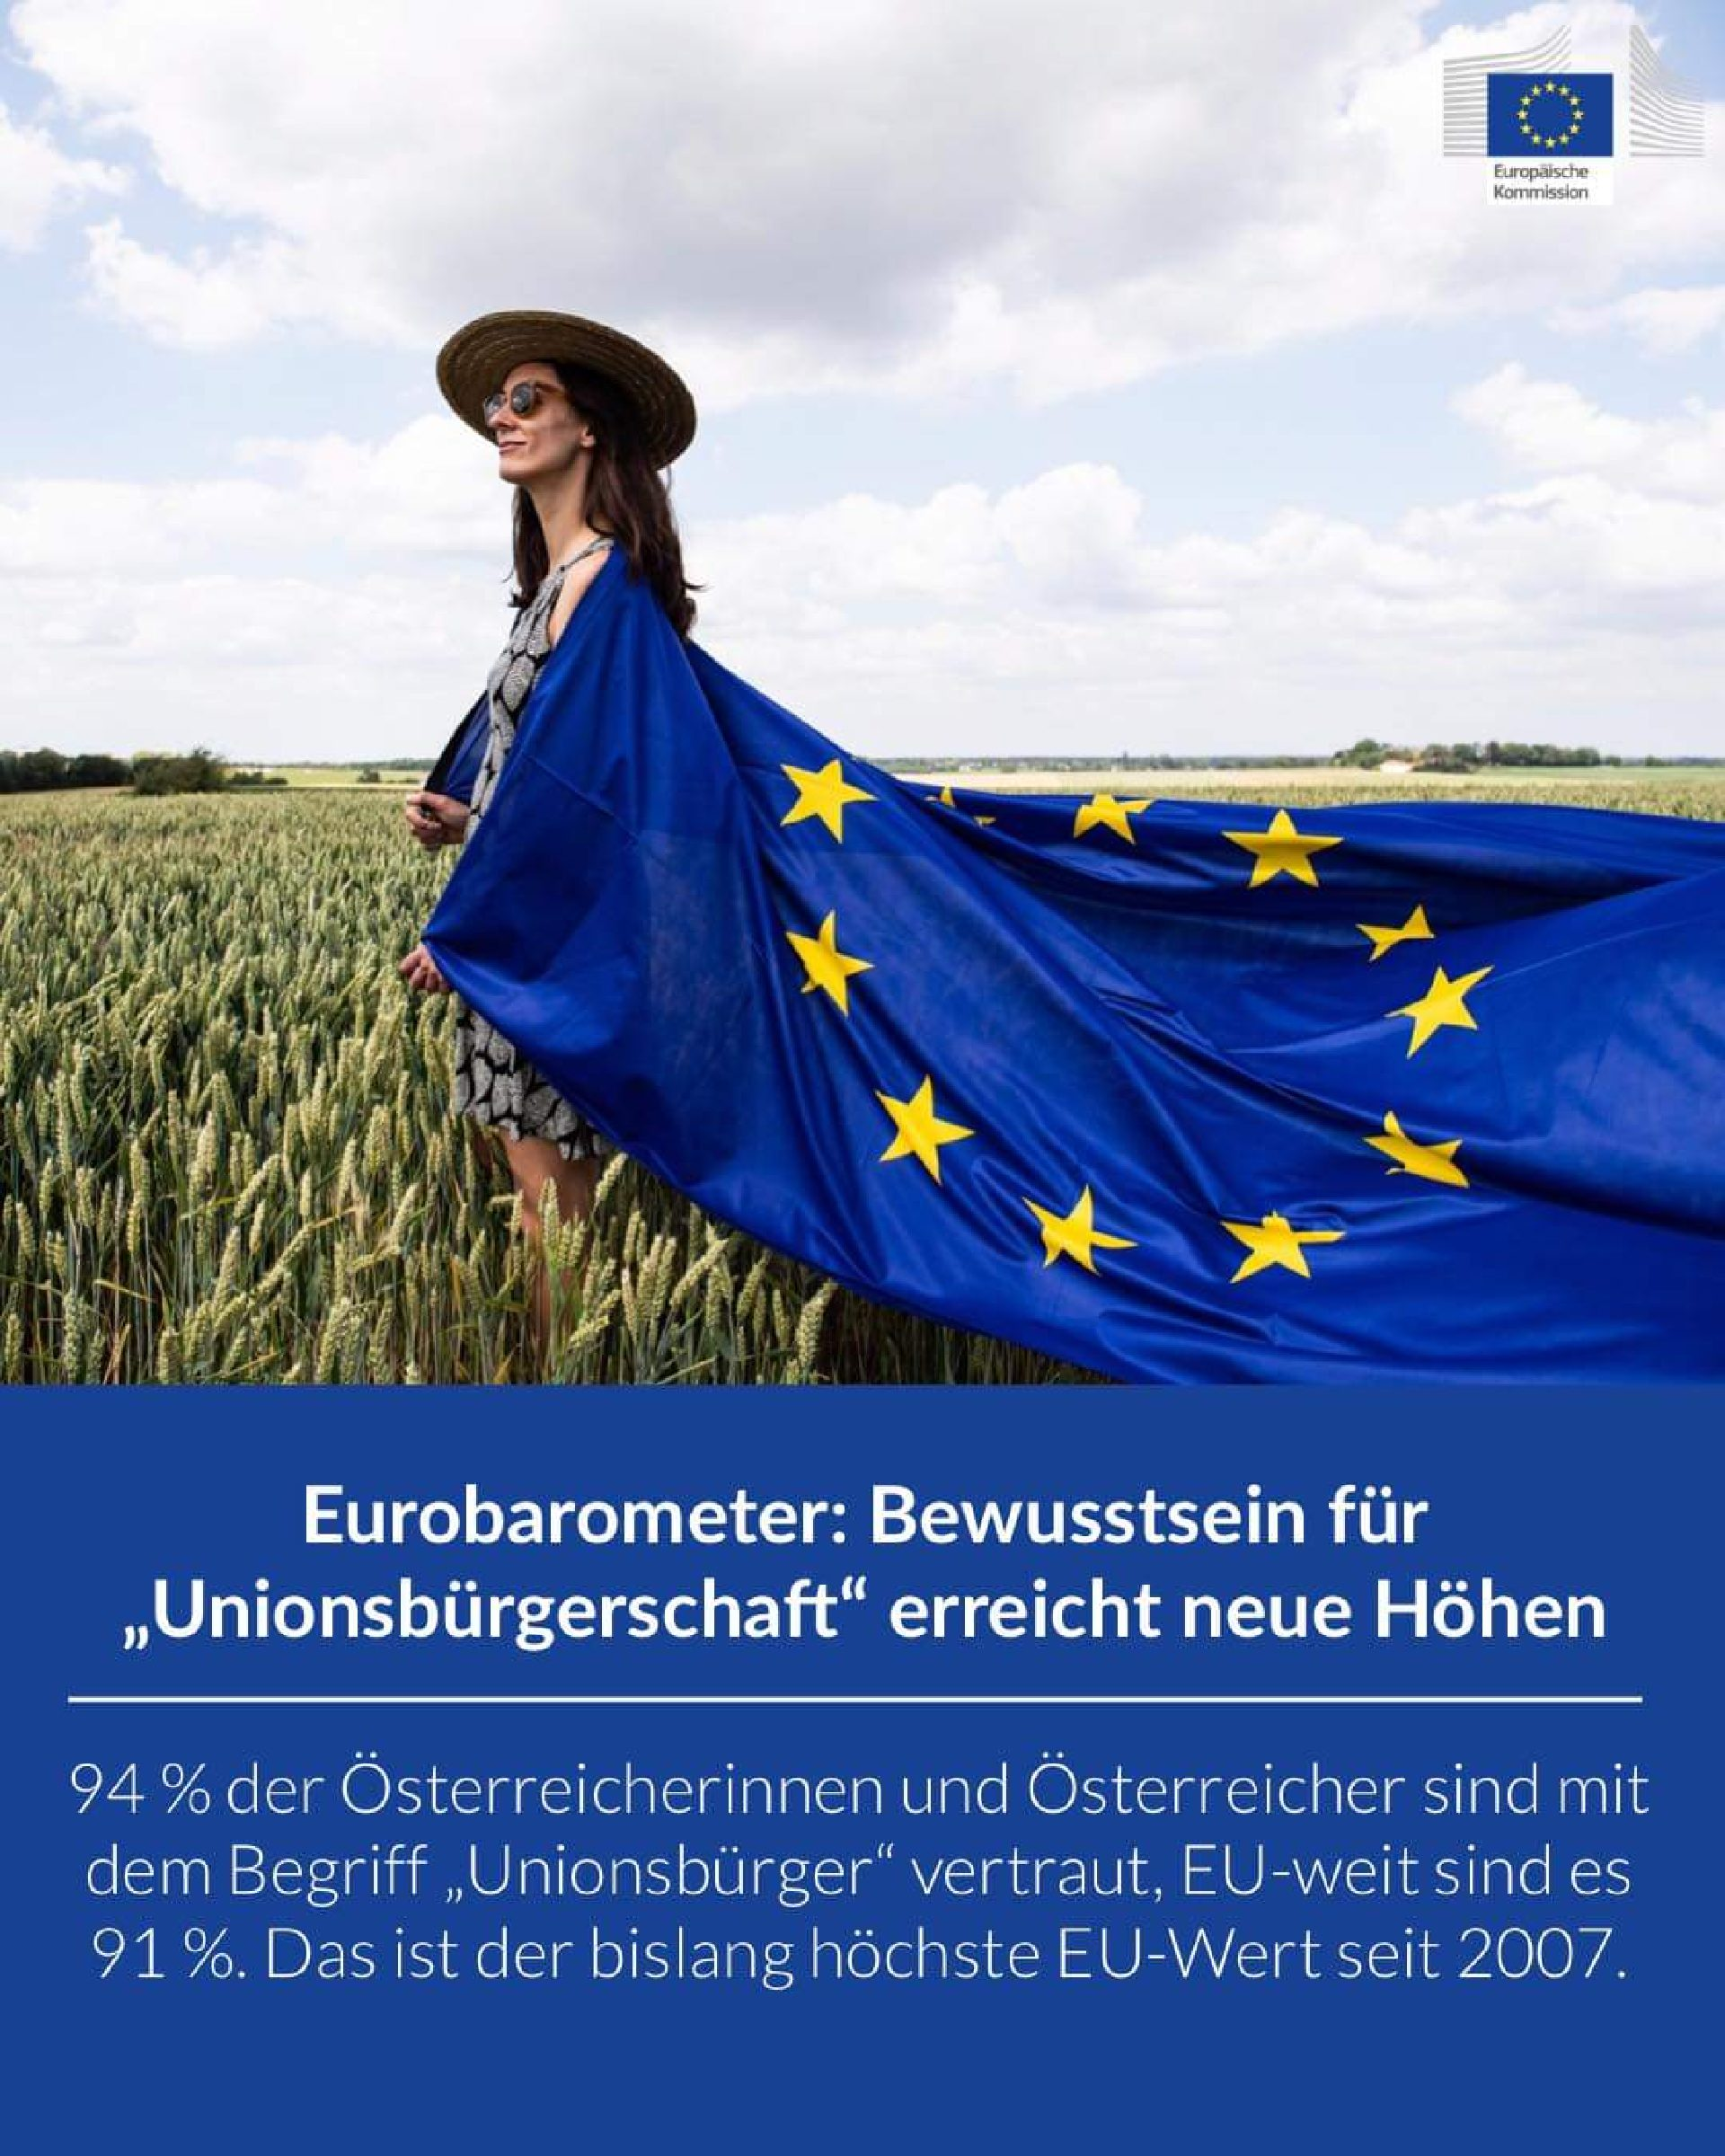 """Eurobarometer: Bewusstsein für """"Unionsbürgerschaft"""" erreicht neue Höhen"""